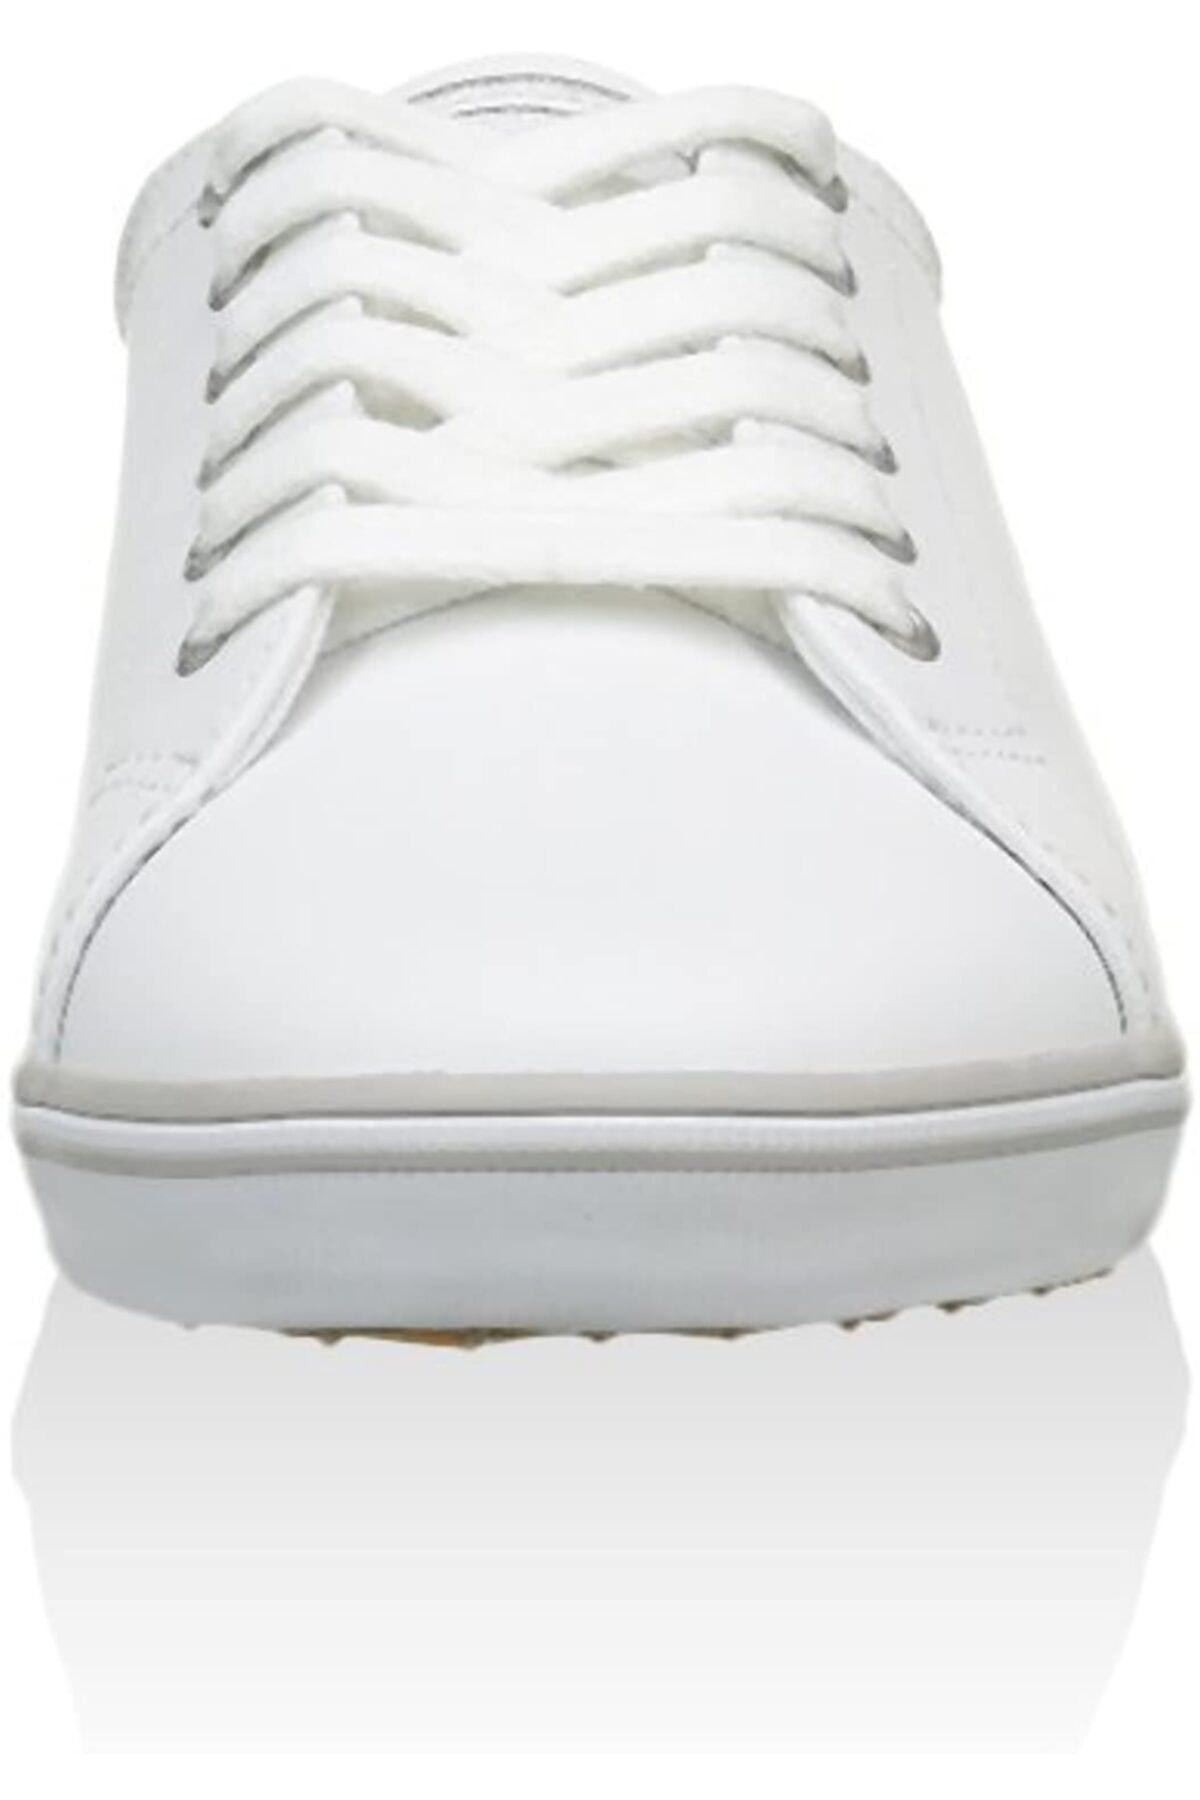 Fred Perry Erkek Beyaz Ayakkabı B6237w-183 2